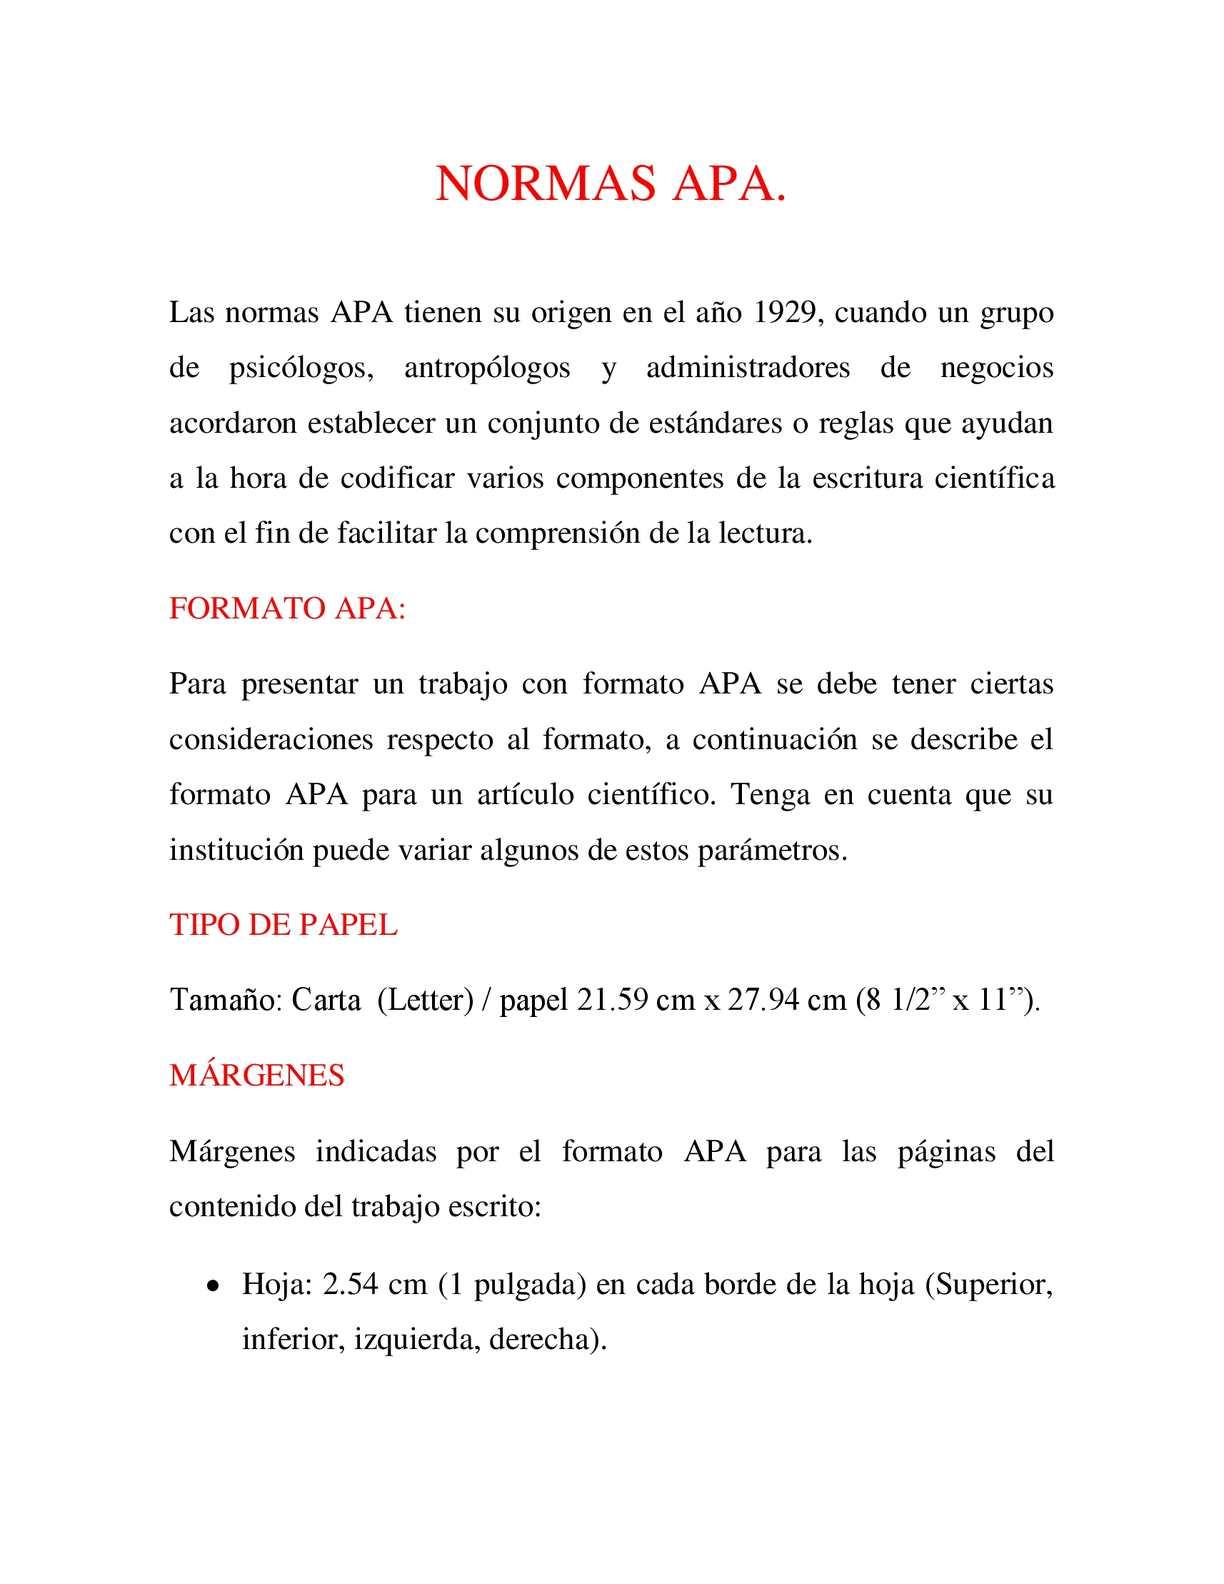 Excepcional Formato Apa Modelo - Ejemplo De Currículum Comercial ...